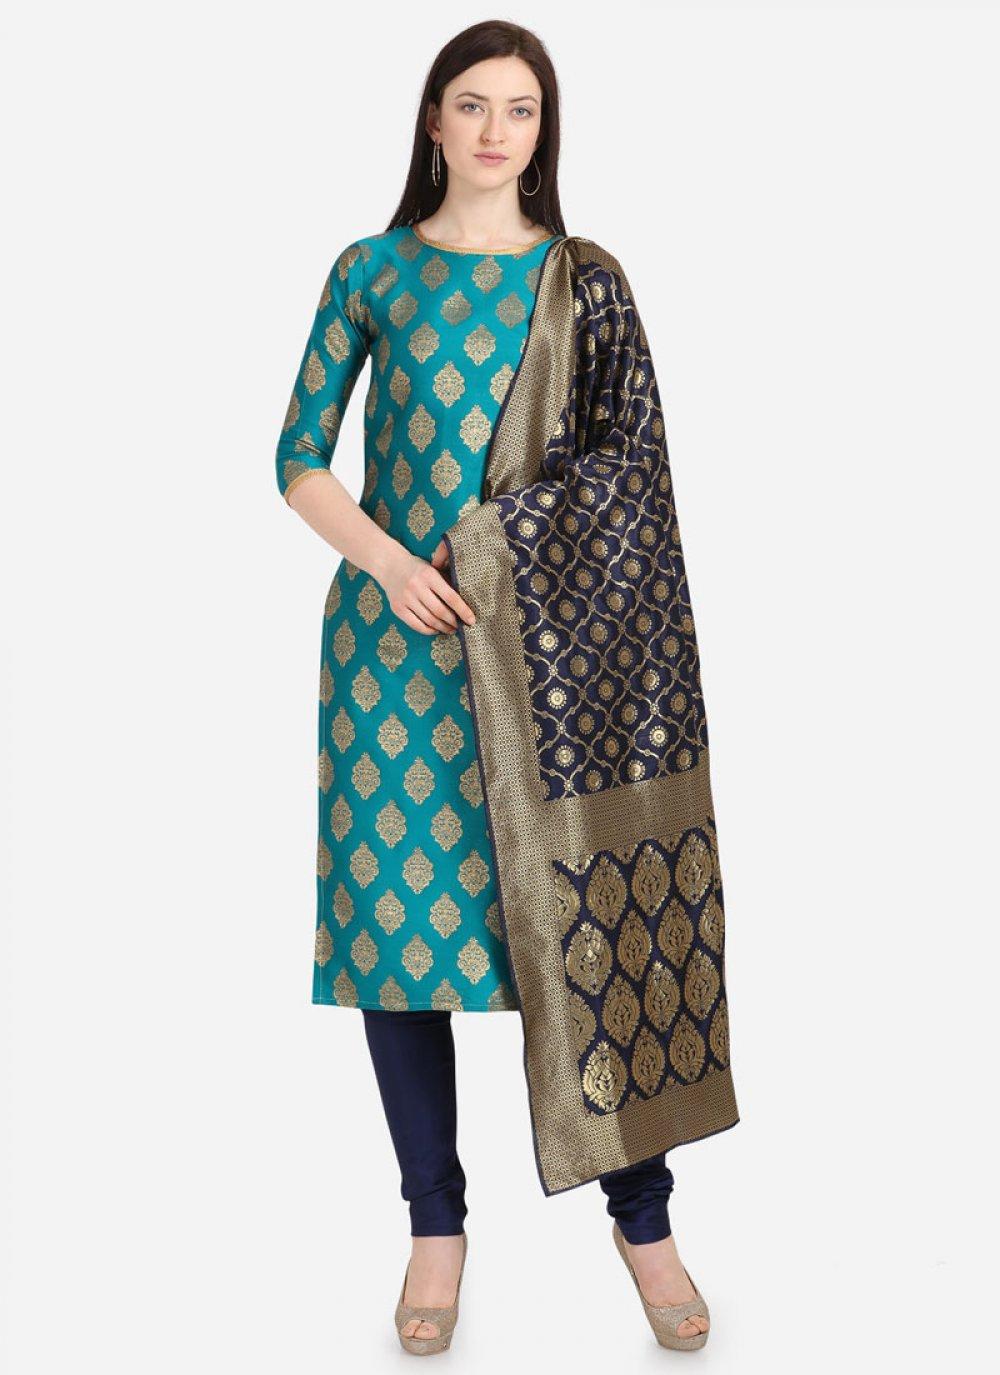 Jacquard Weaving Churidar Salwar Kameez